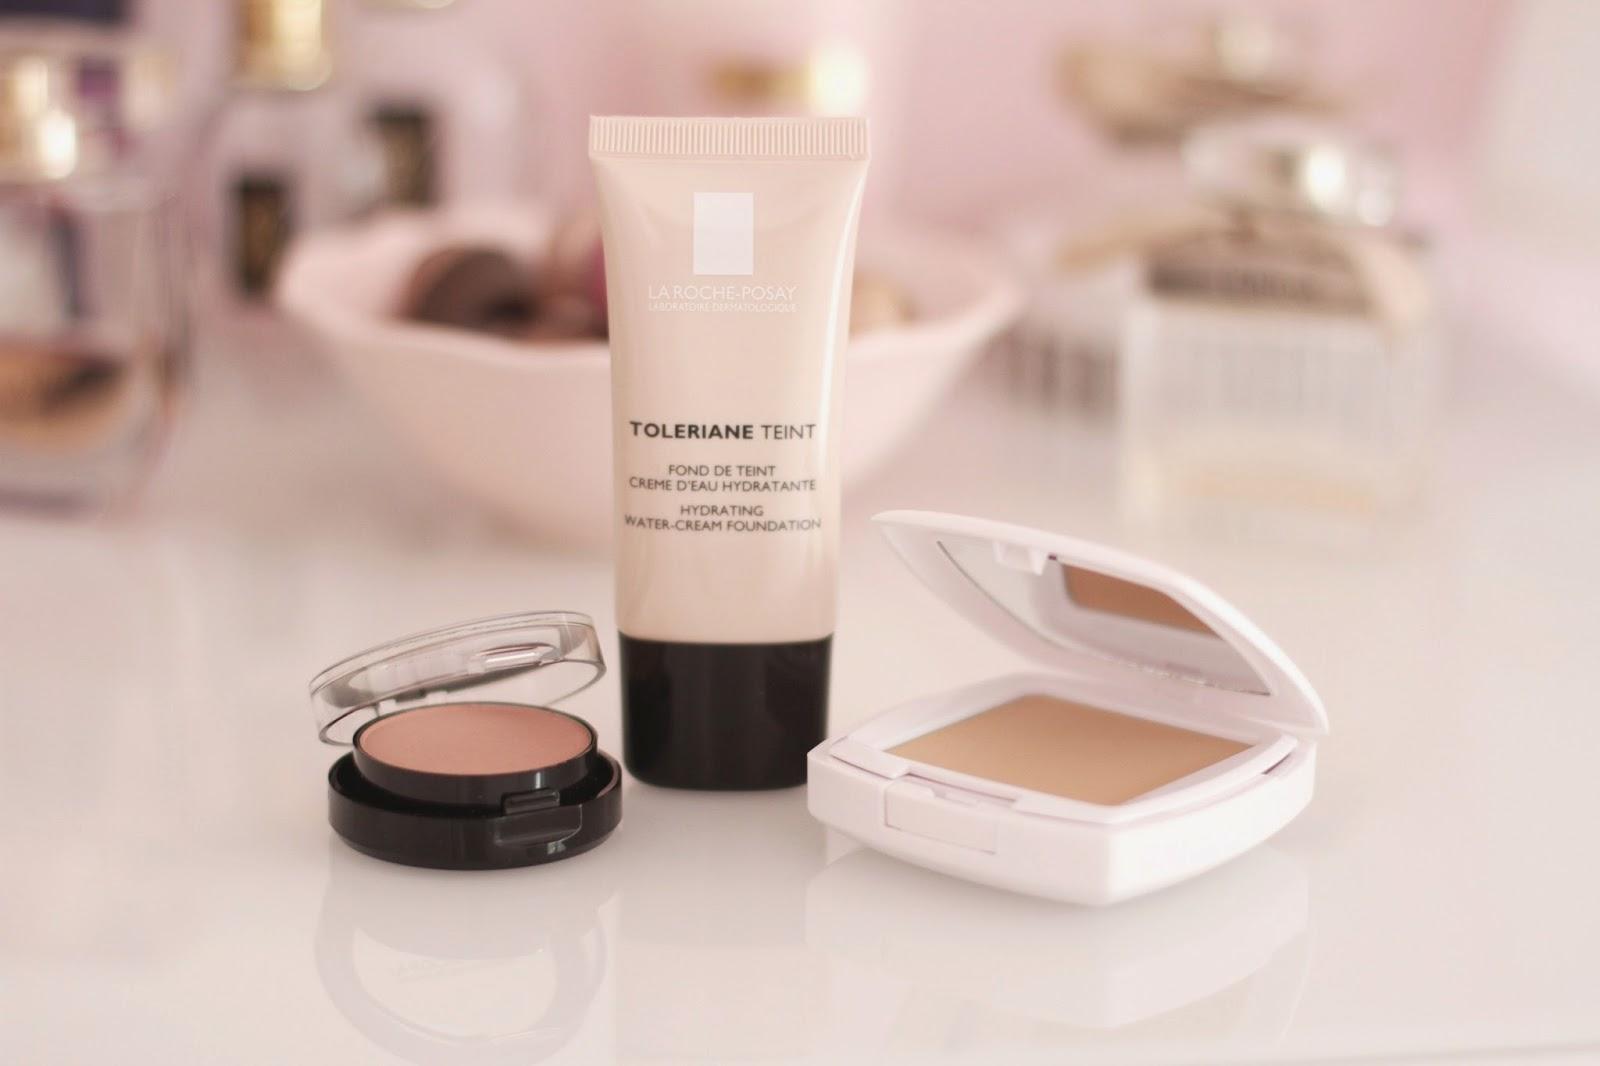 Eine Foundation für empfindliche Haut: Toleriane Teint von La Roche-Posay